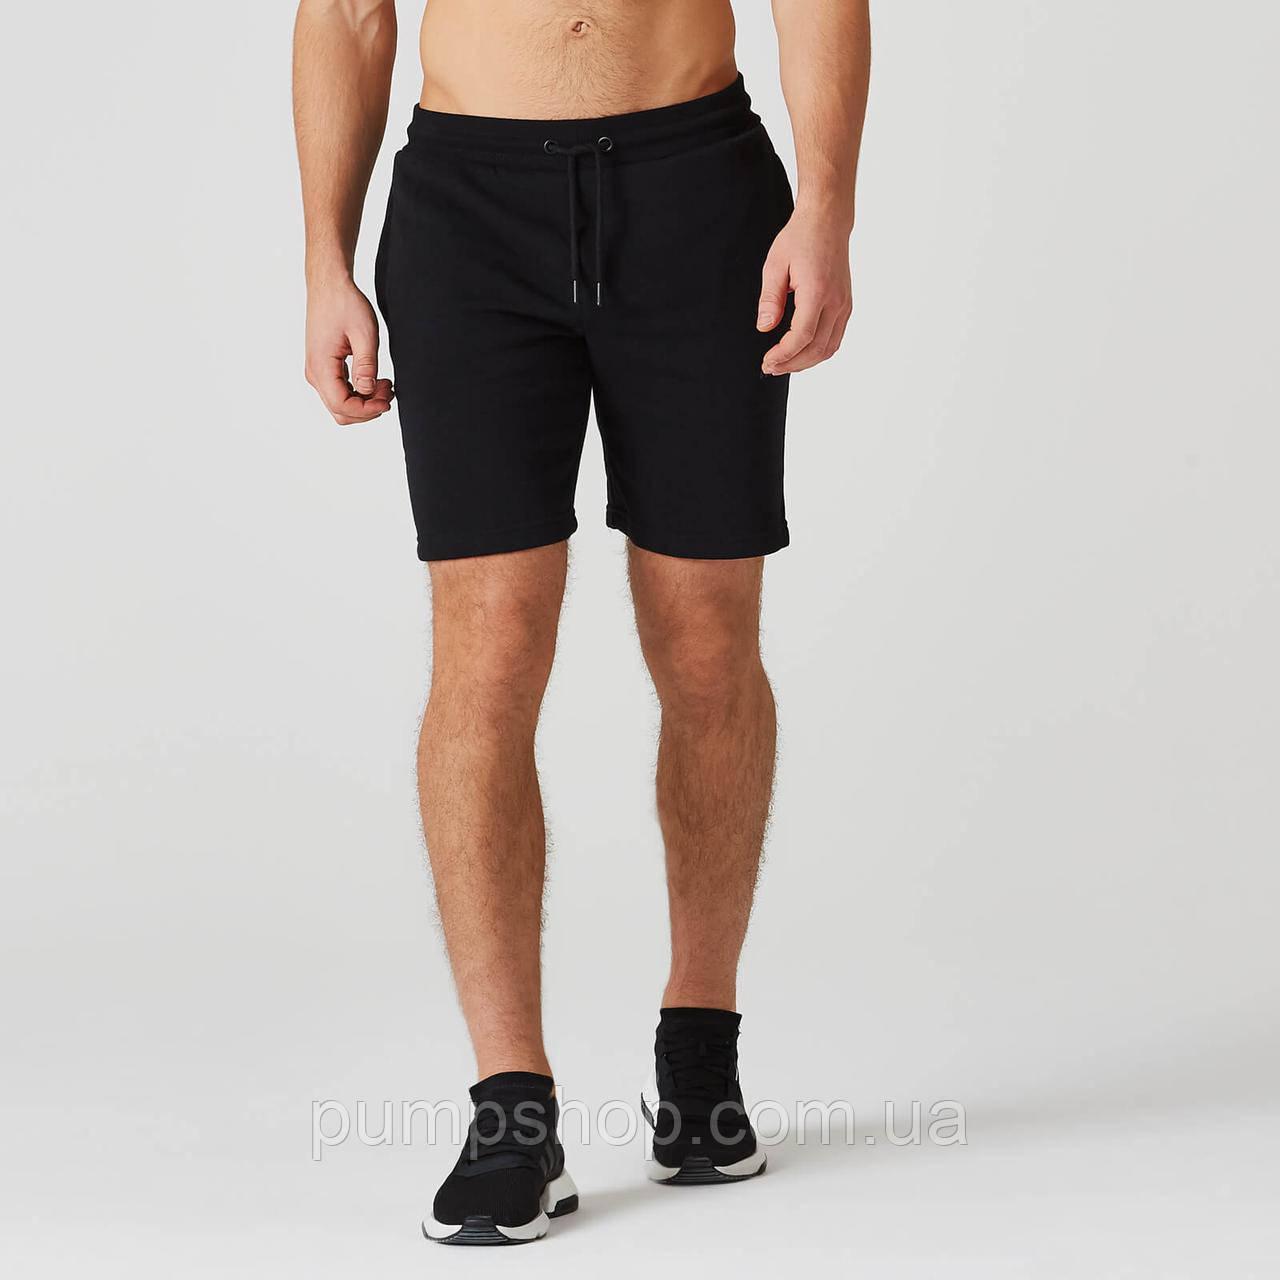 Мужские спортивные теплые шорты MyProtein Tru-Fit 2.0 XXL